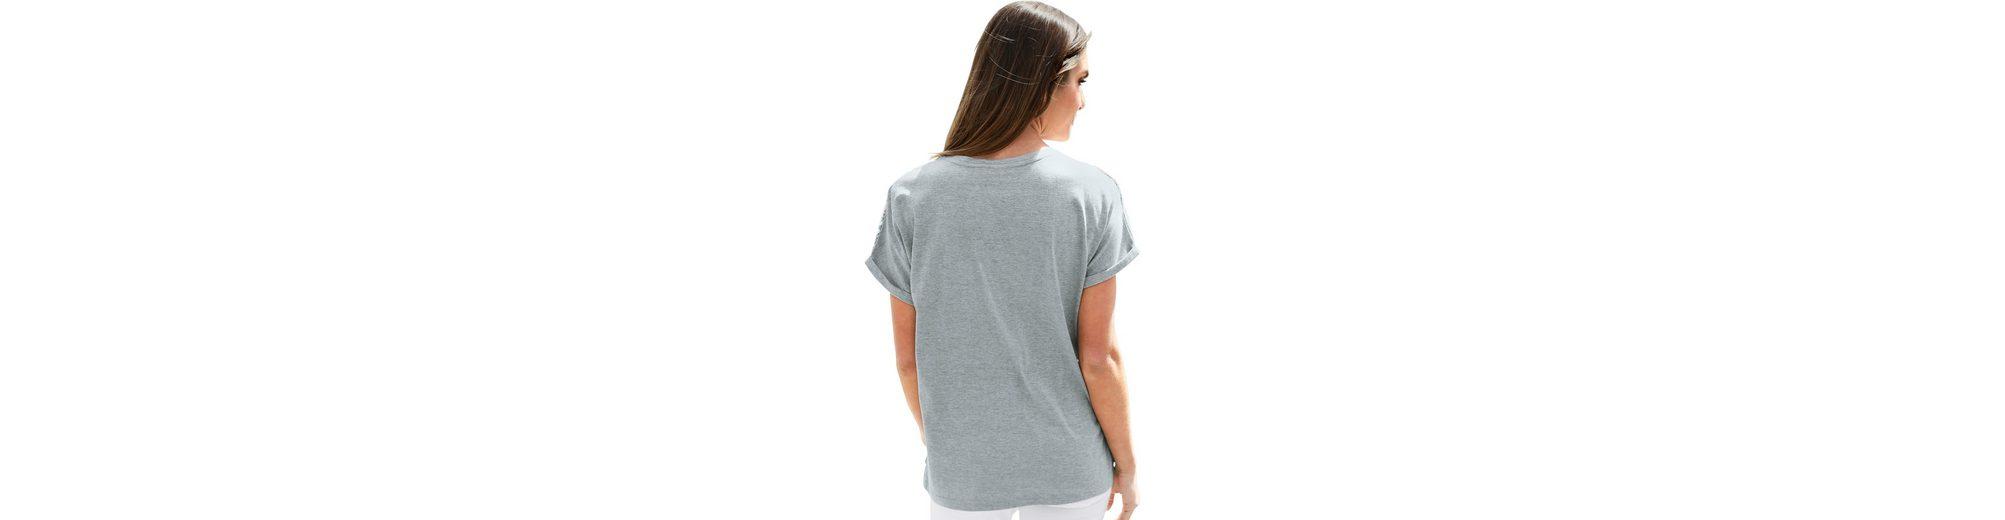 Classic Basics Shirt mit Druck Neue Stile Rabatt Zahlen Mit Paypal Rabatt Footlocker Finish Online Speichern Online Kaufen Authentisch DnbJY1v